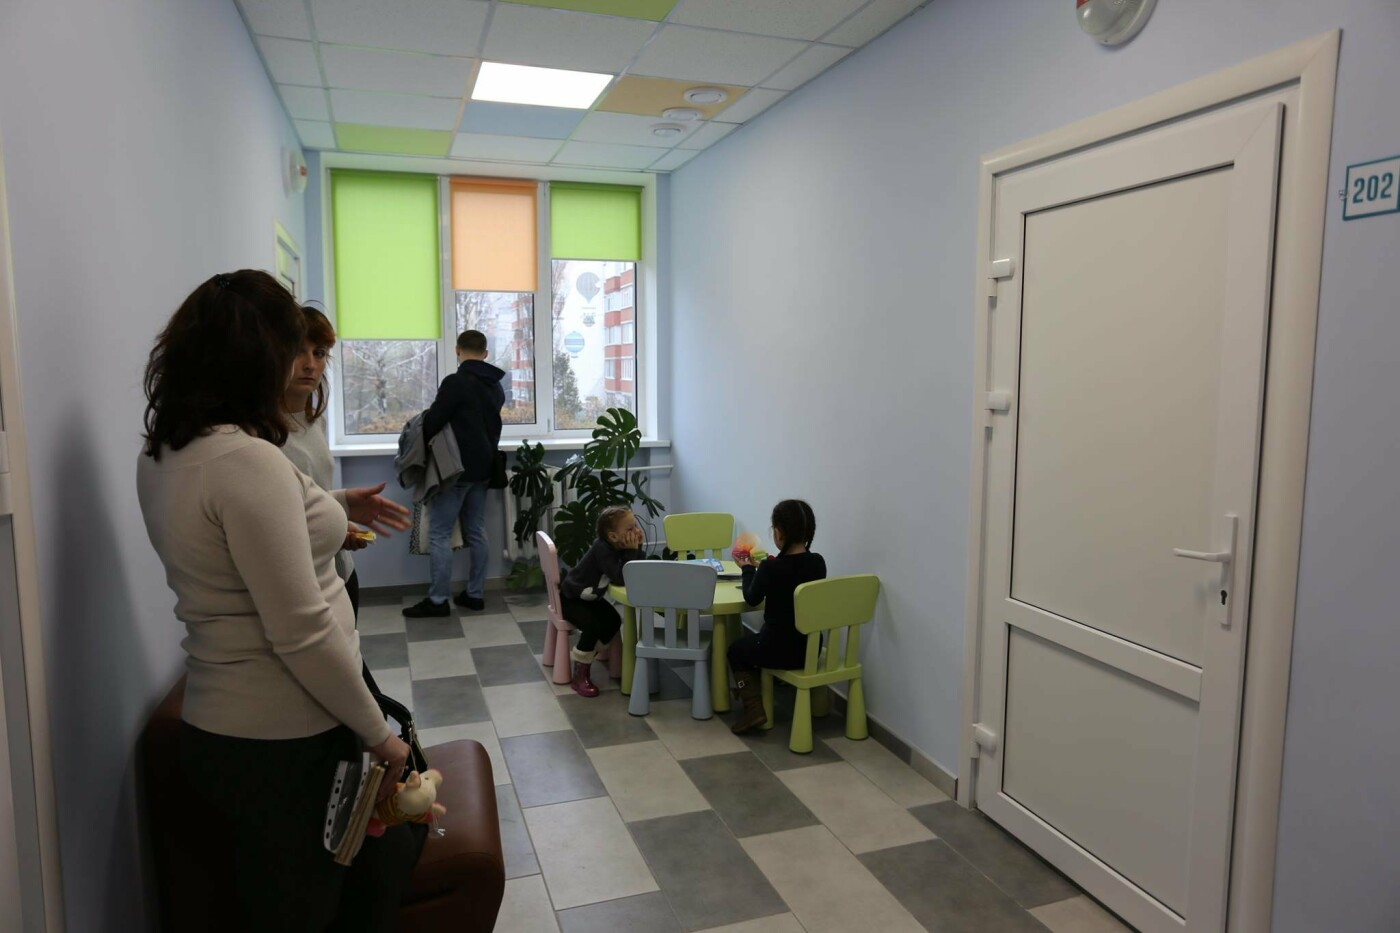 Міська дитяча стоматологія отримала нове приміщення та обладнання, фото-5